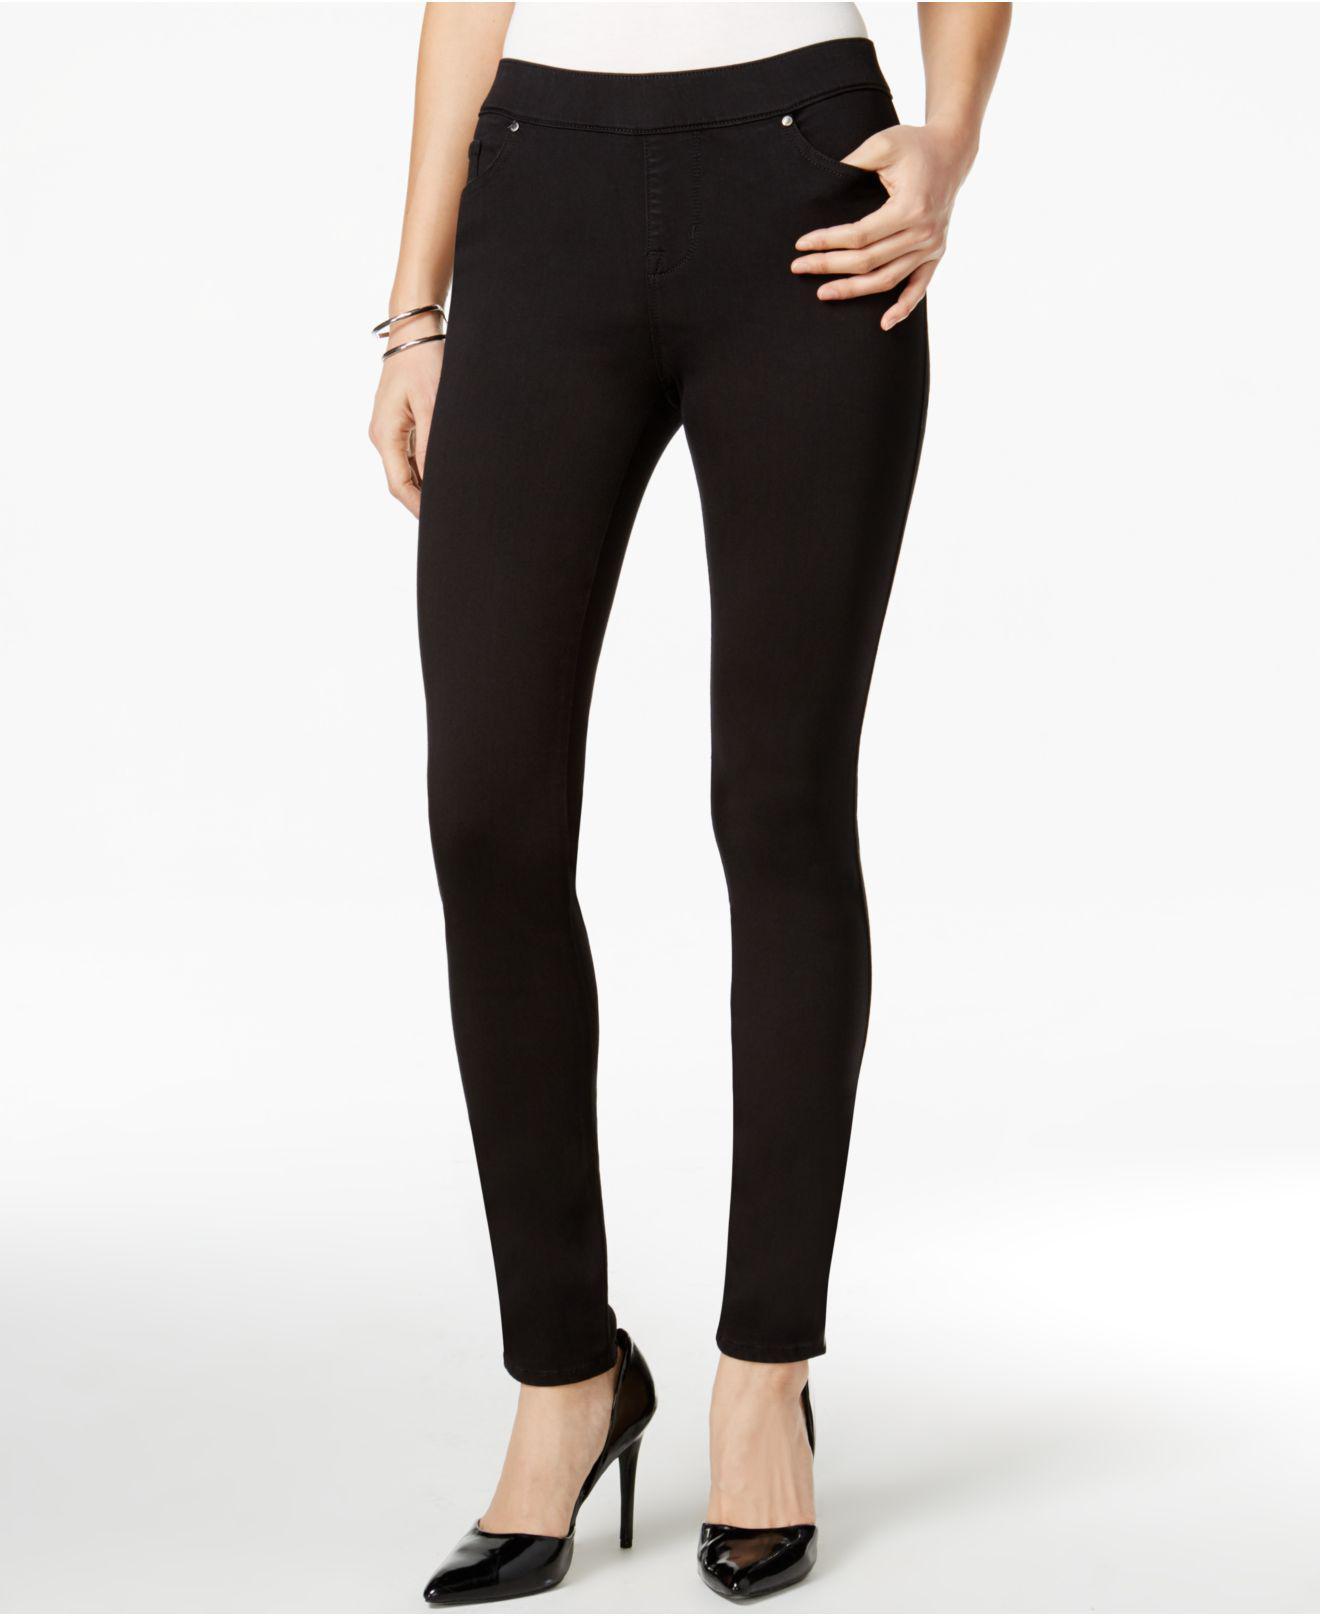 Lee skinny jeans petite